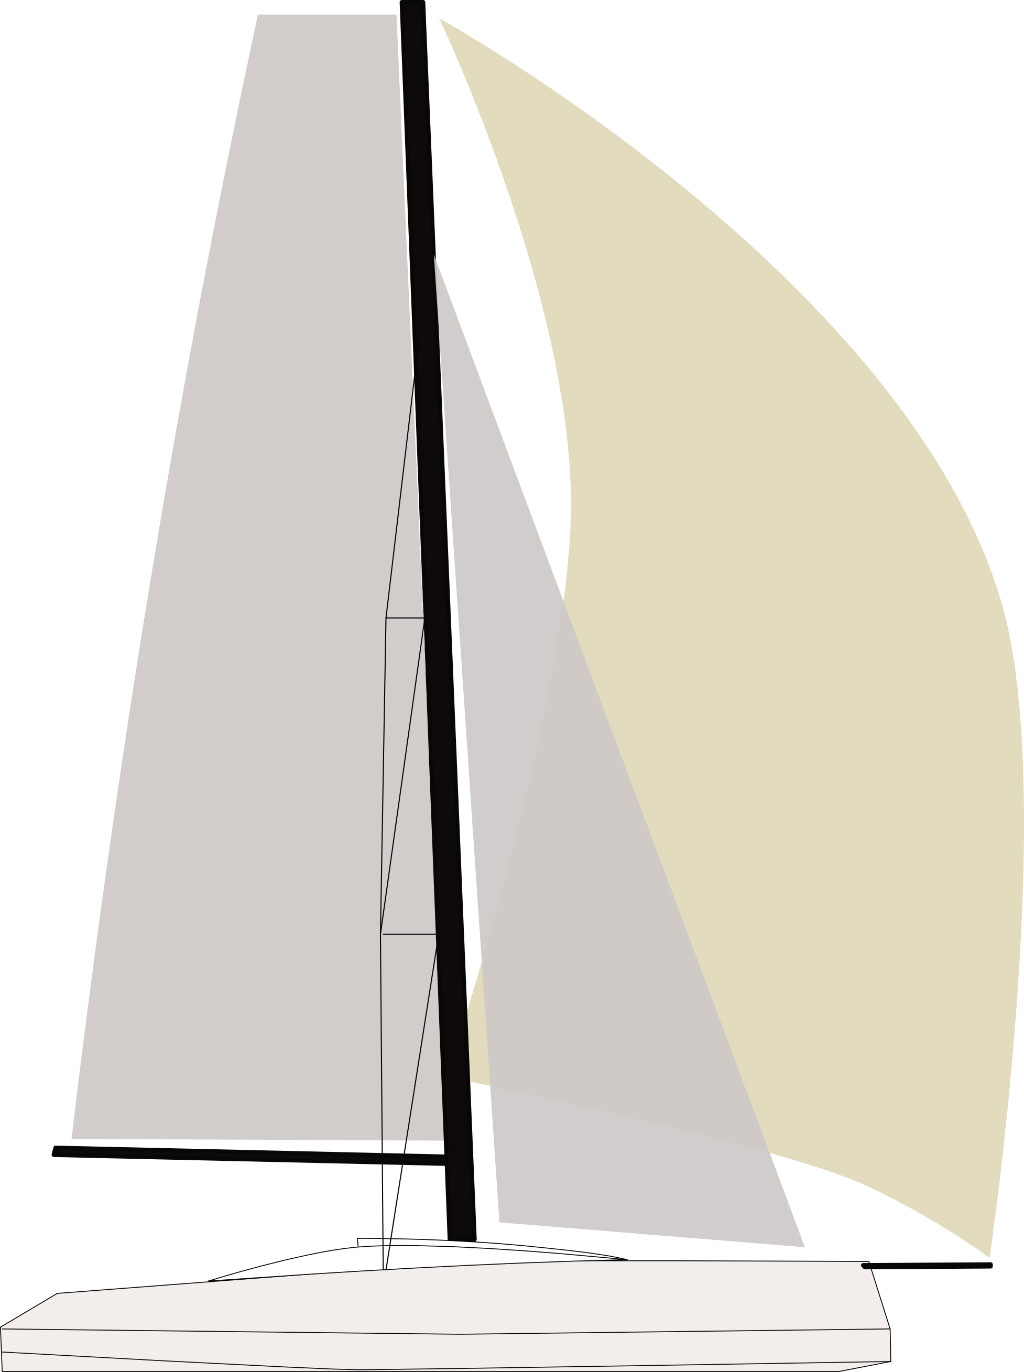 Sarch-S7-ficha-técnica